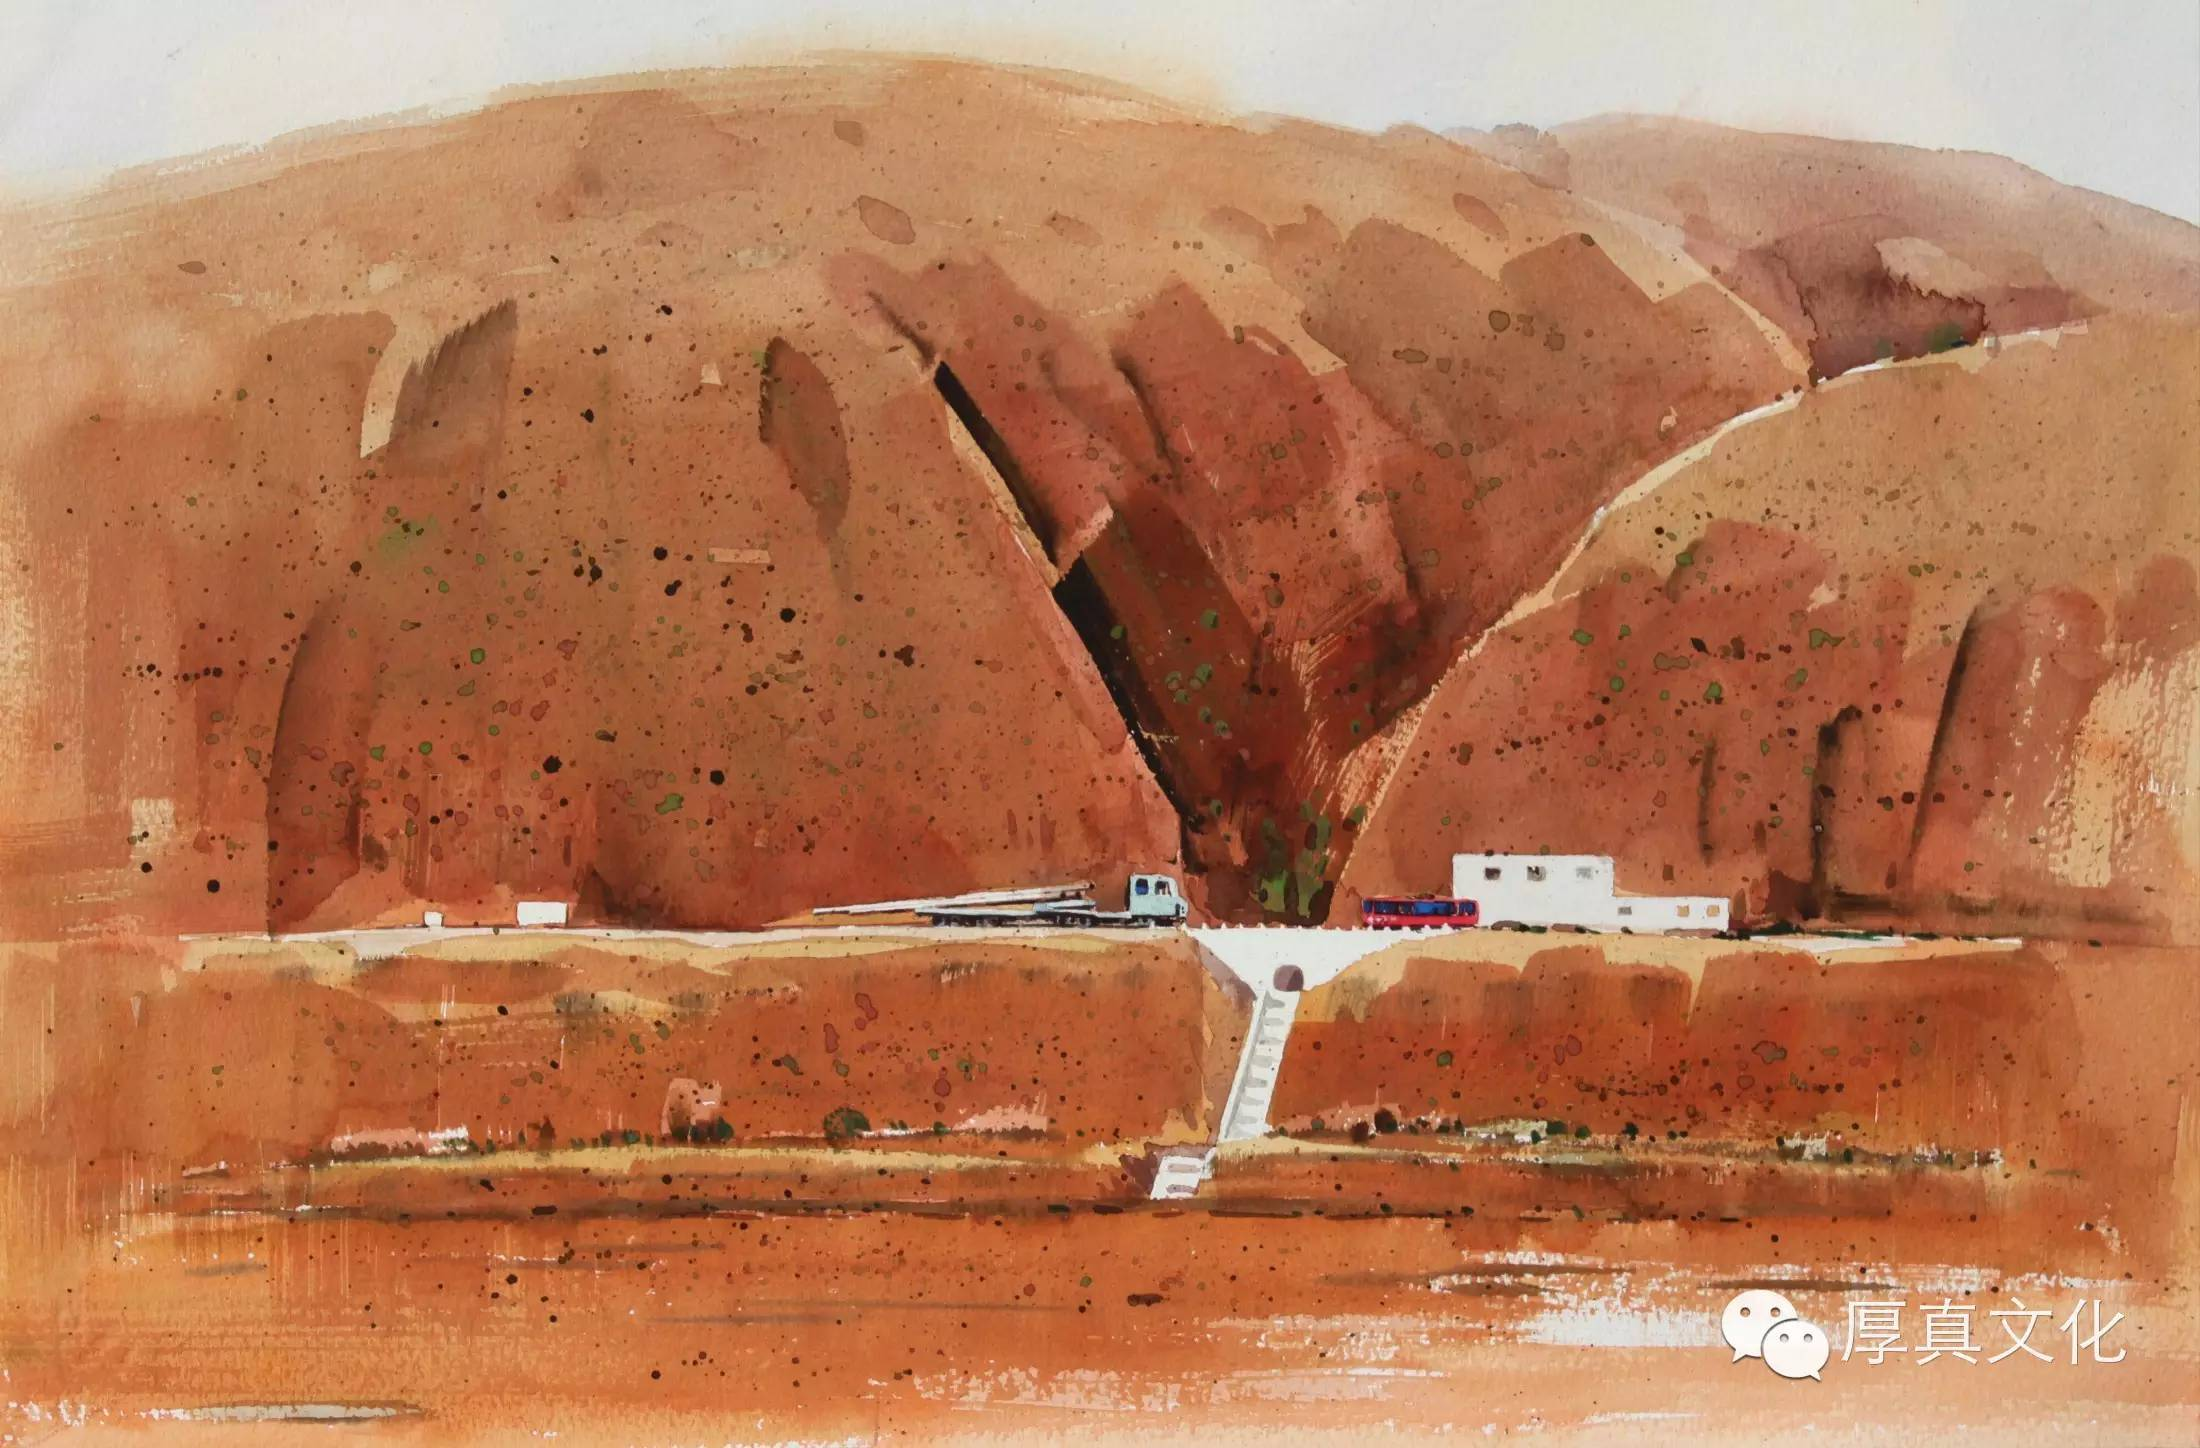 【蒙古人】美术家——云希望 第6张 【蒙古人】美术家——云希望 蒙古画廊